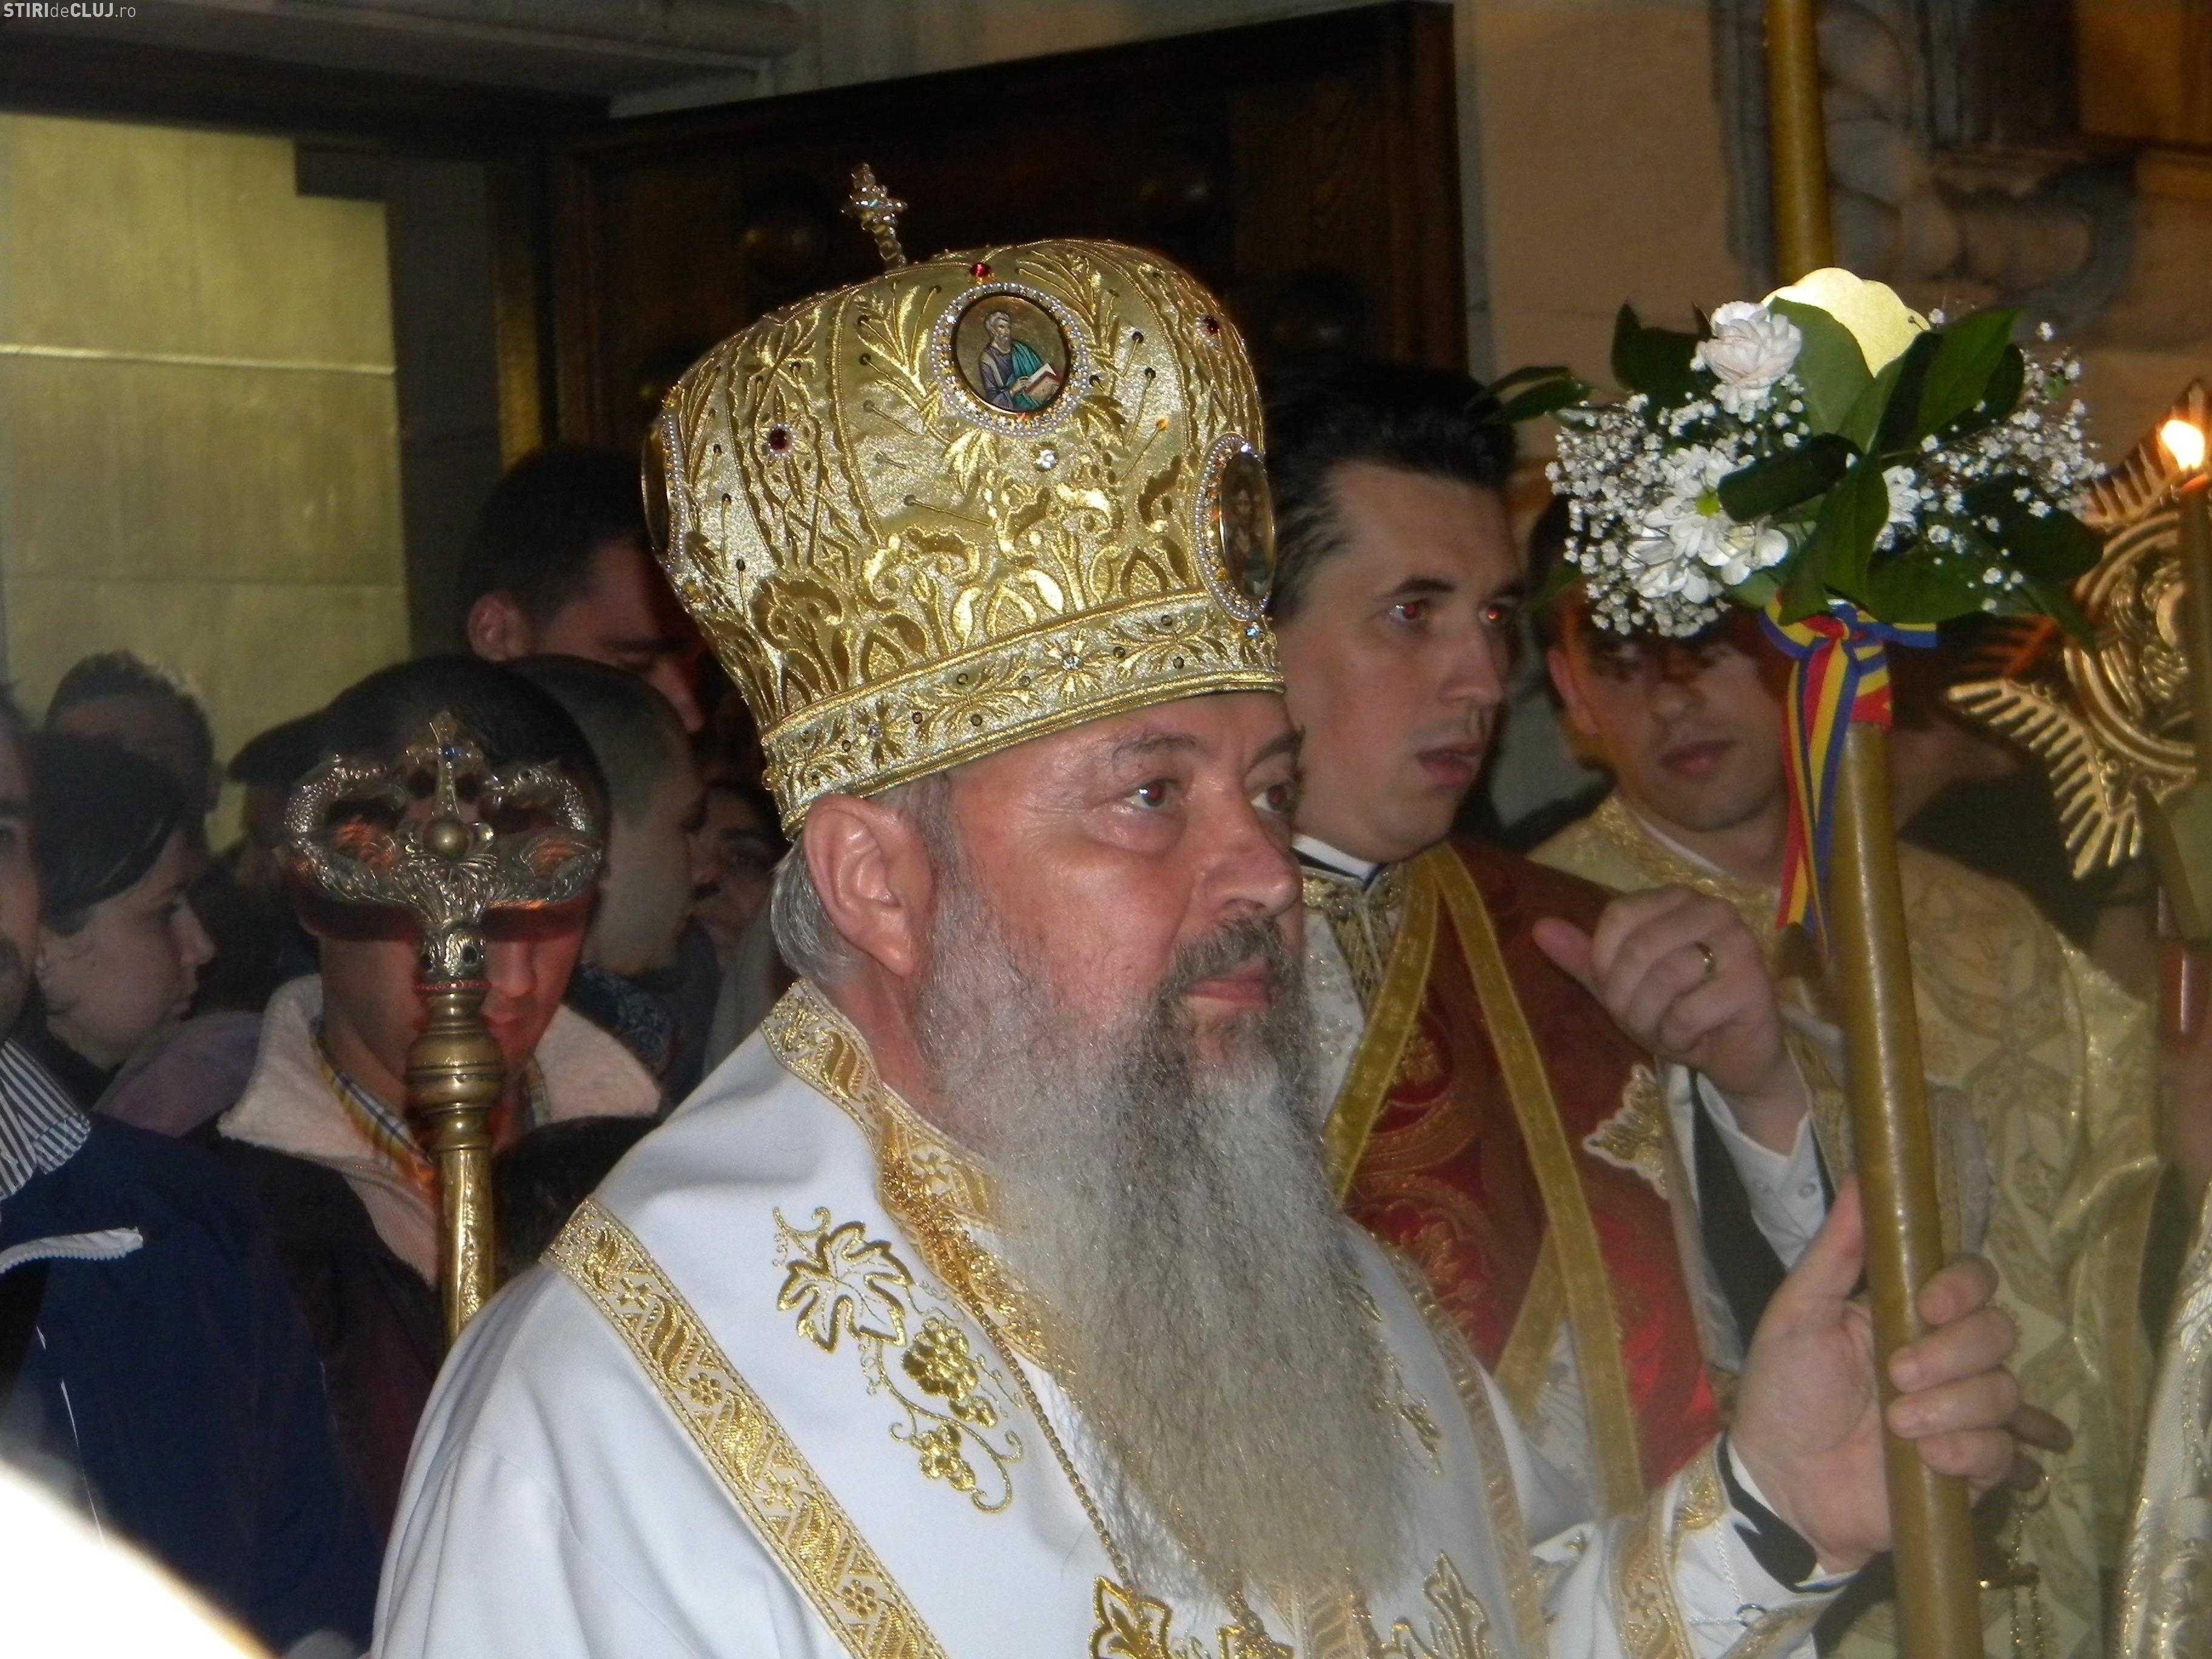 IPS ANDREI, Mitropolitul Clujului, in pastorala Invierii 2012: <b><i>&#8220;SUFERINTA E PESTE TOT&#8230;, iar RAUTATEA ATACA INDARJIT&#8221;</i></b> (video)